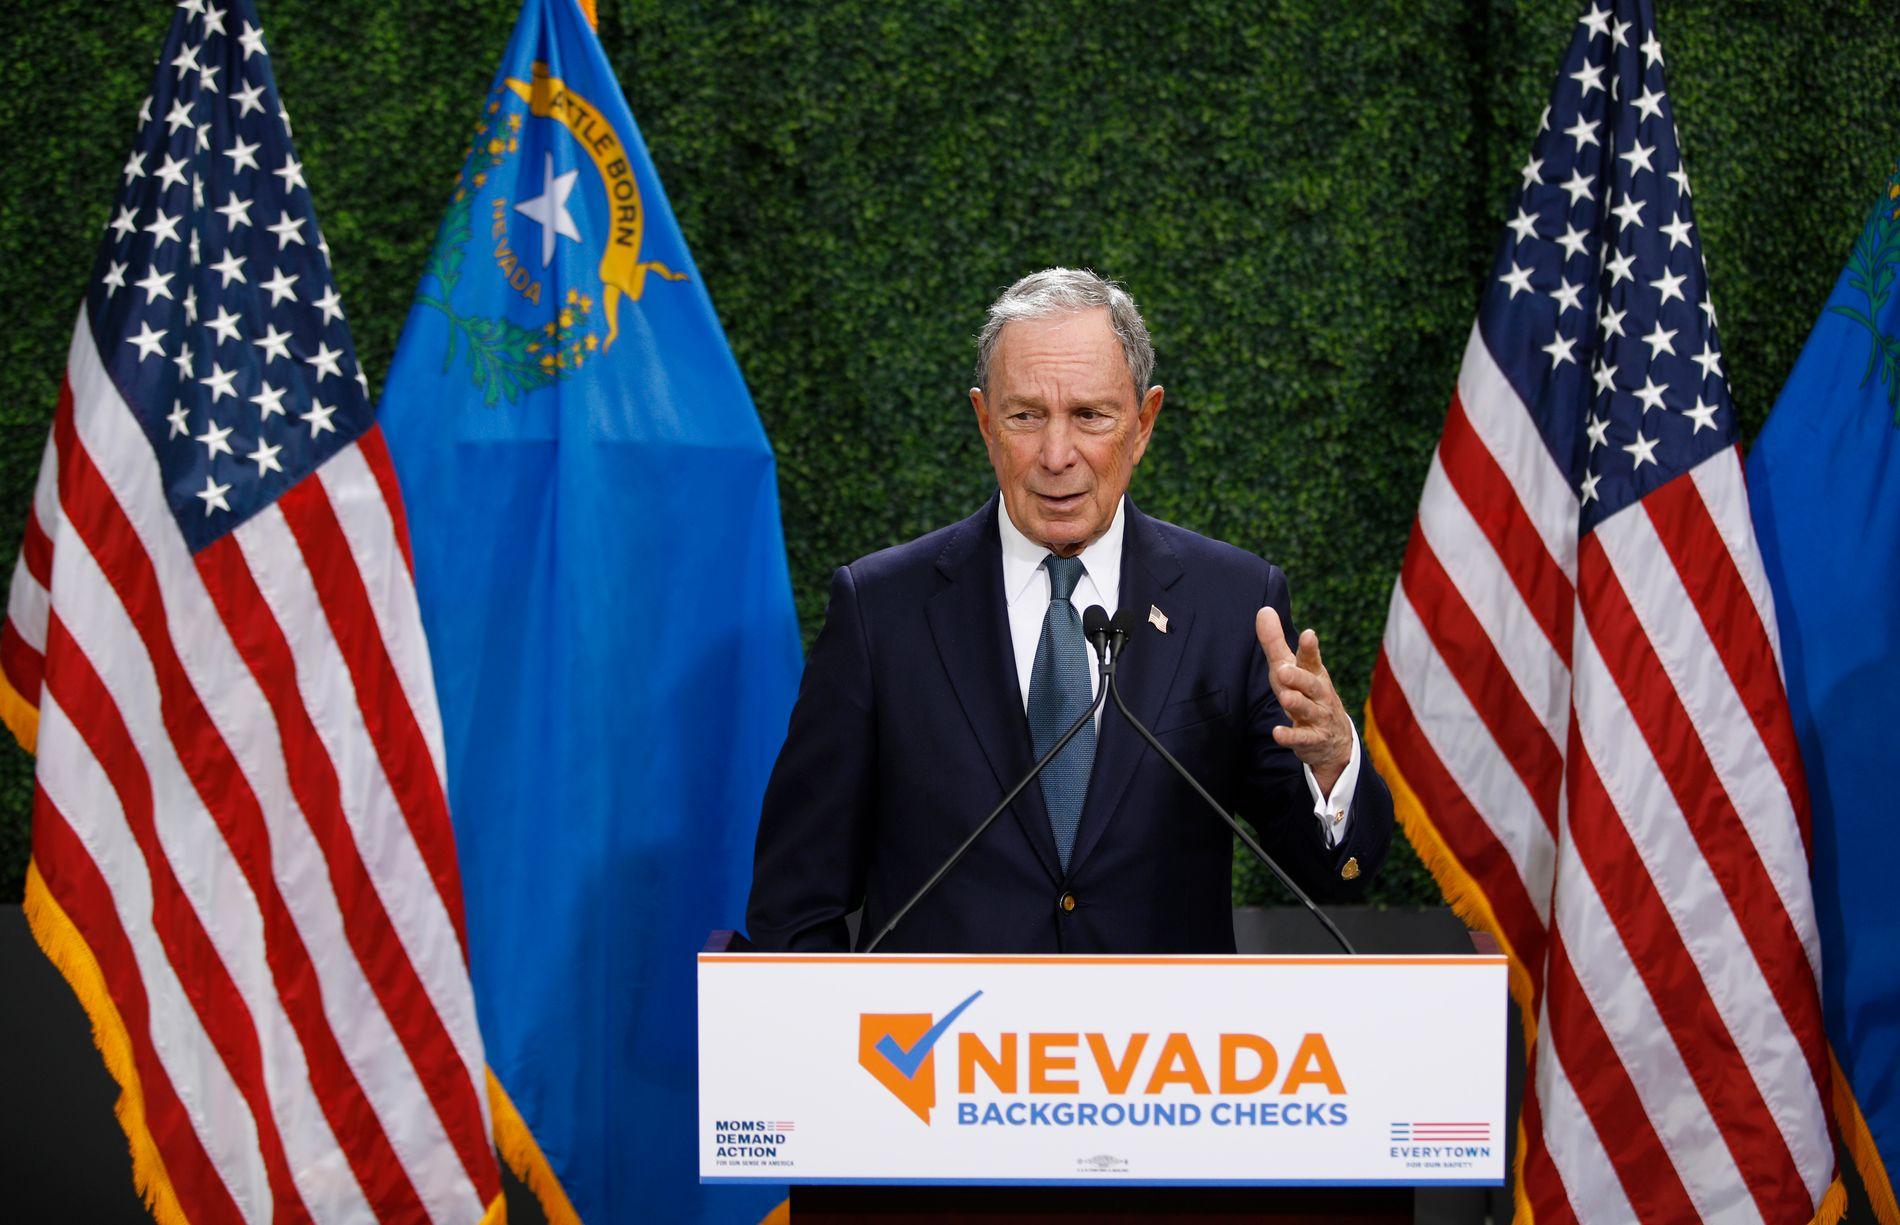 KANDIDAT? Ryktene om at Michael Bloomberg vil lansere en presidentkampanje går heftig. Her fra Las Vegas i februar.